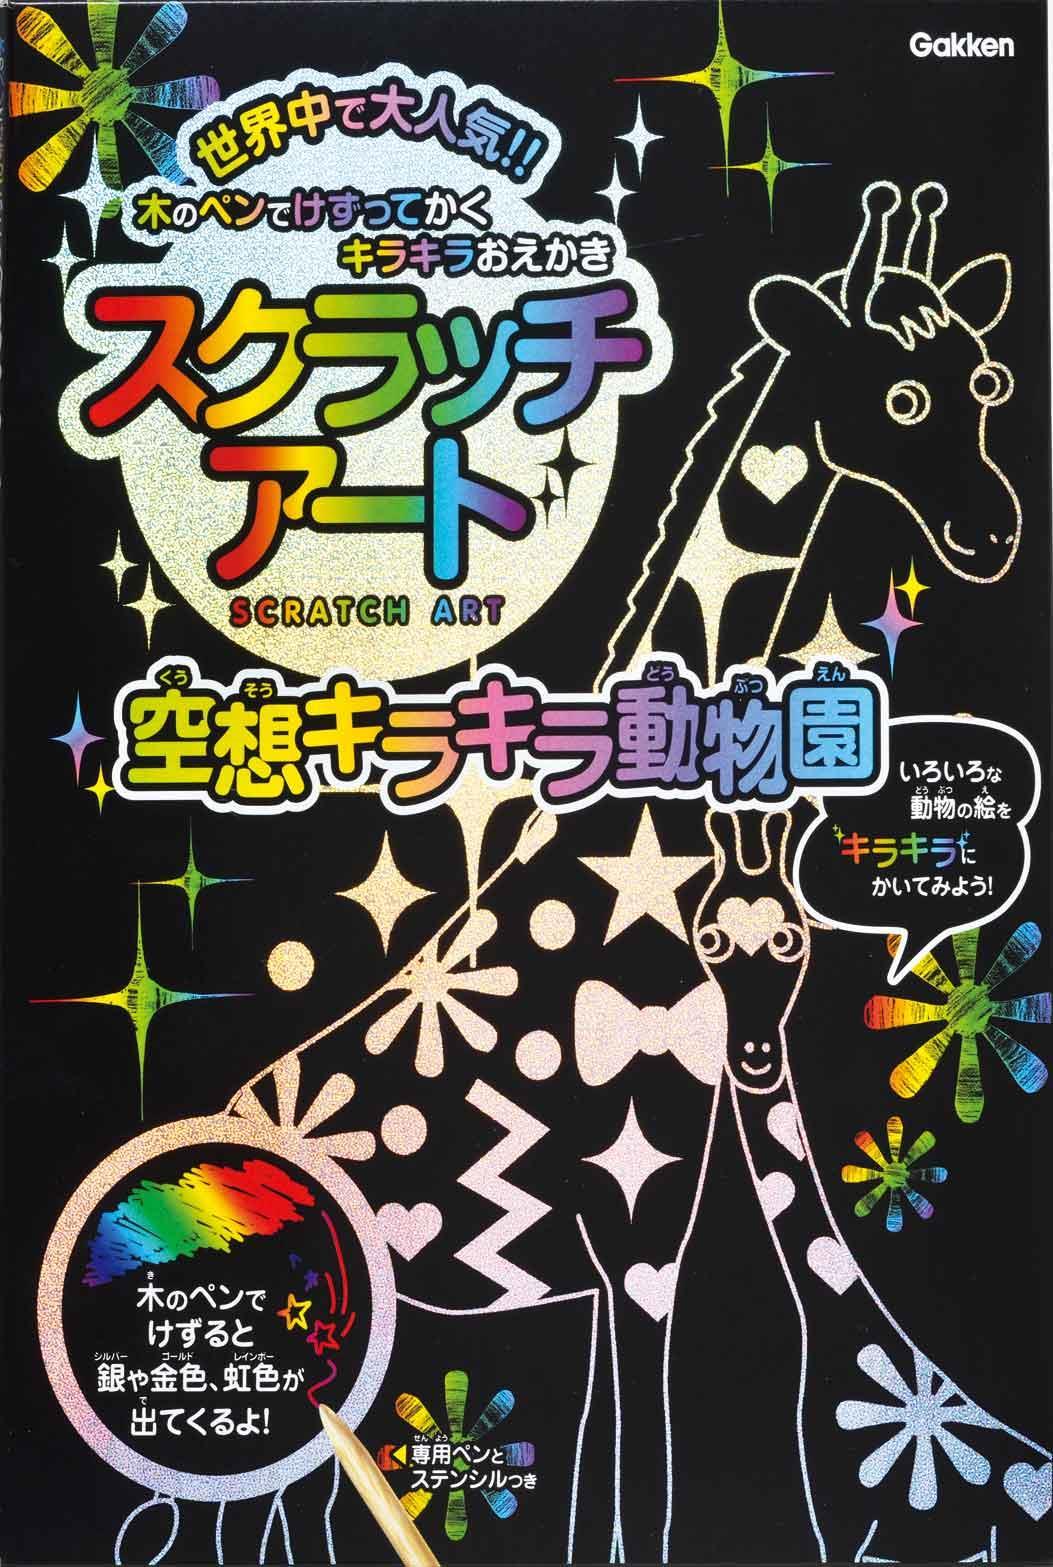 炫彩刮畫系列- 奇妙魔幻動物園刮畫本 – 附贈品: 日本開運佛像 刮畫明信片組合